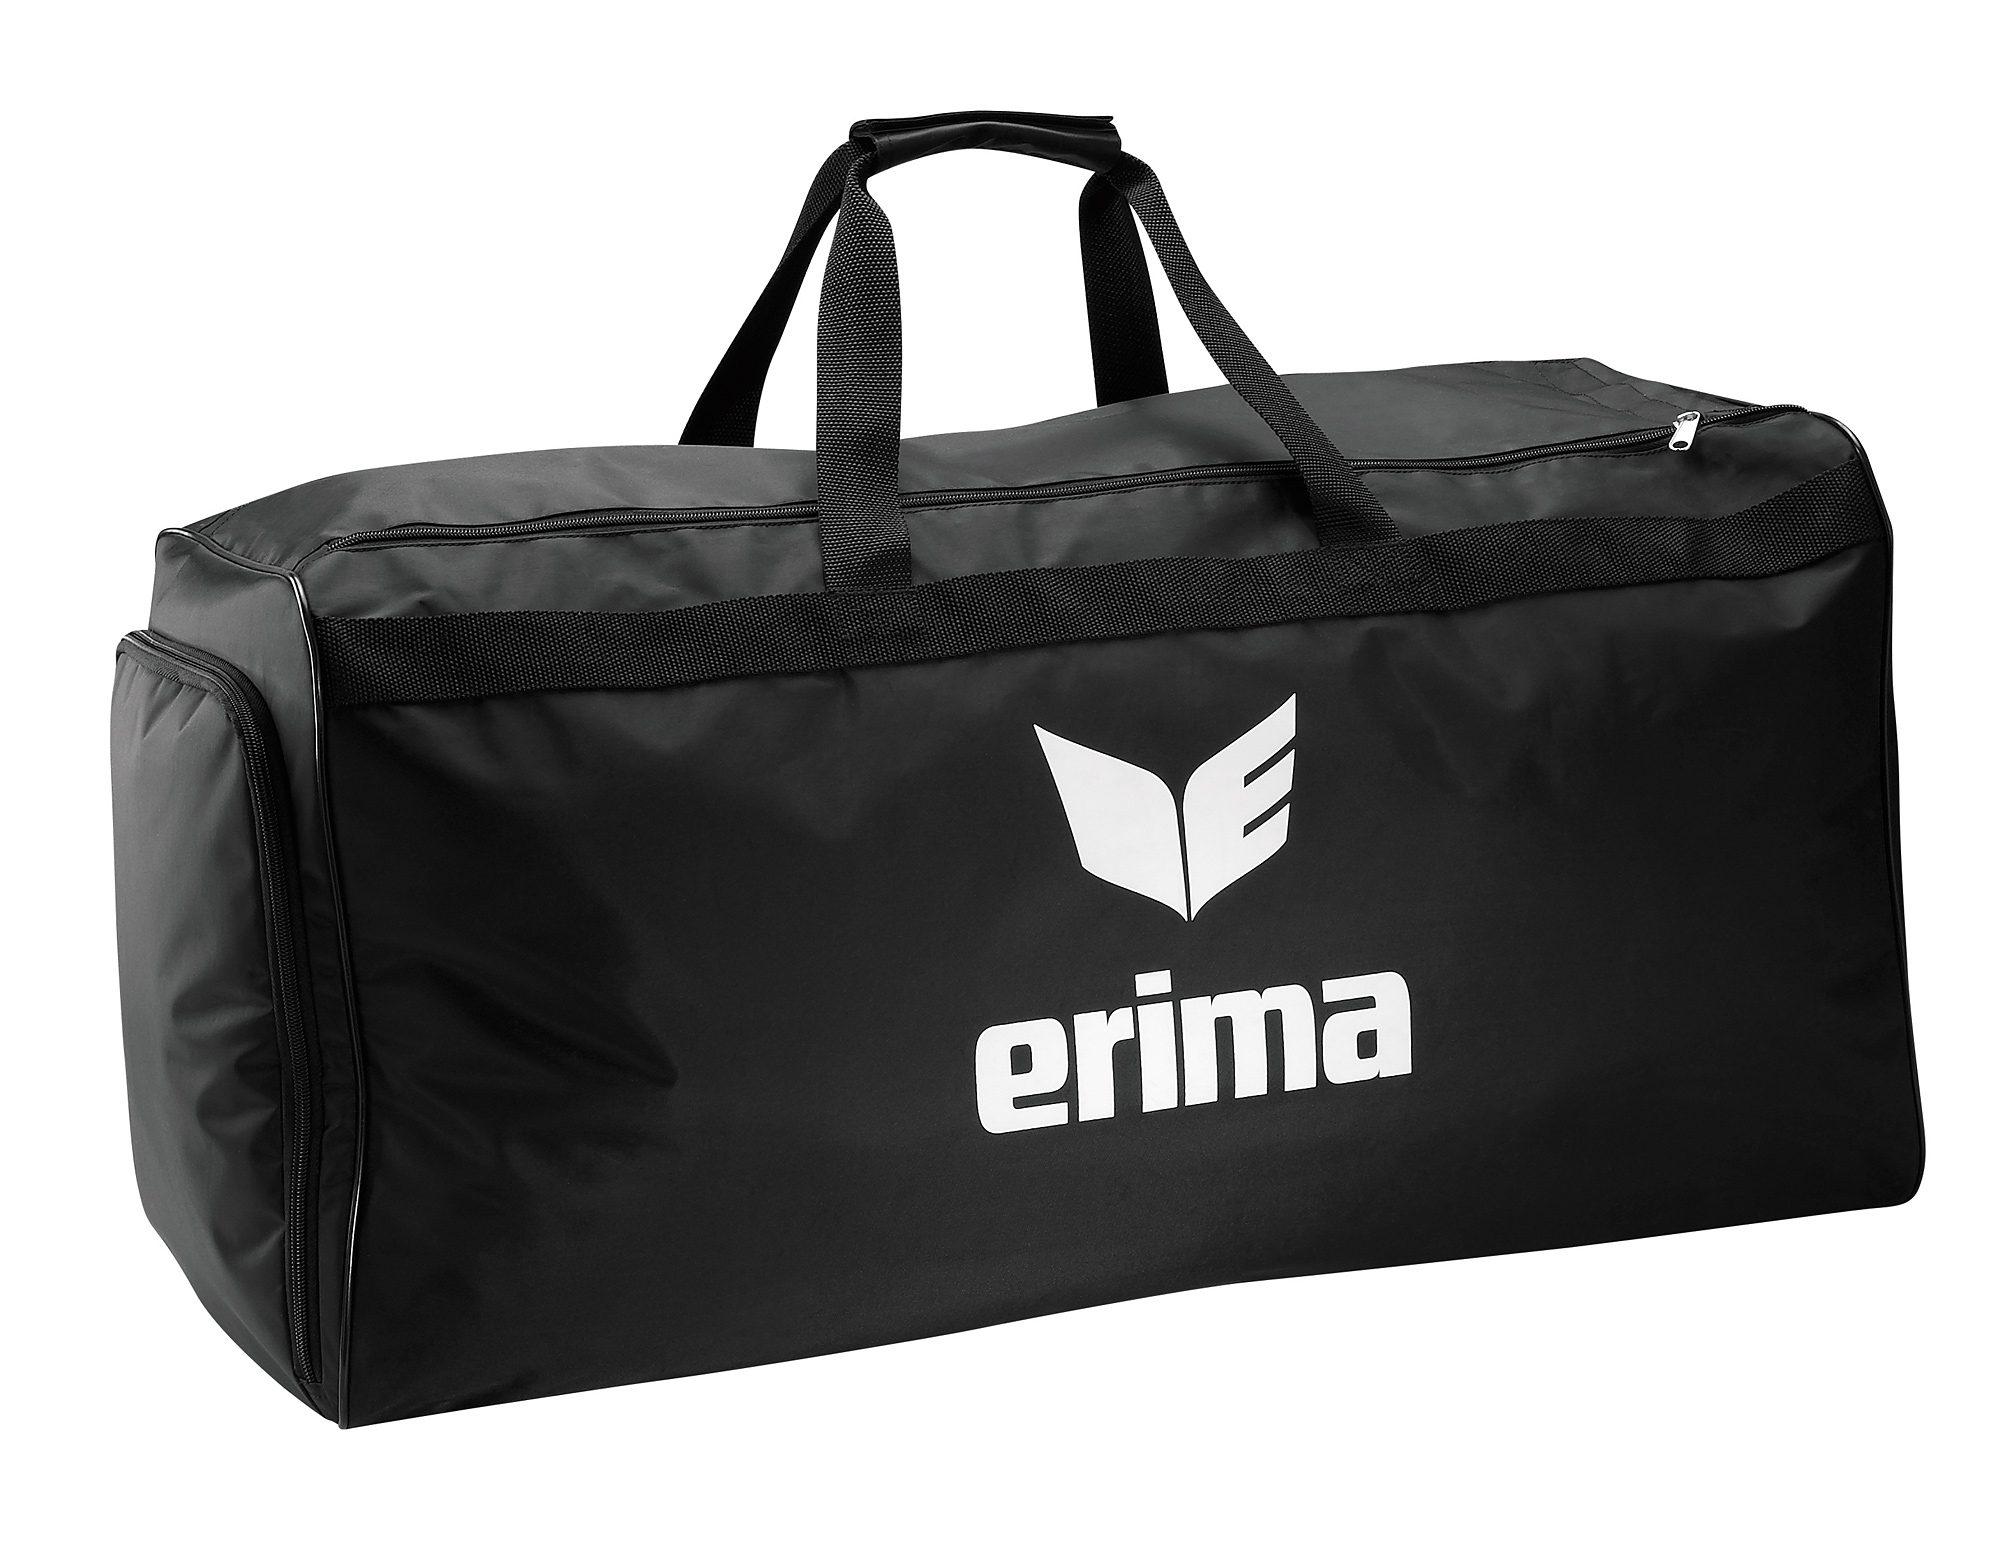 ERIMA Trikottasche XL